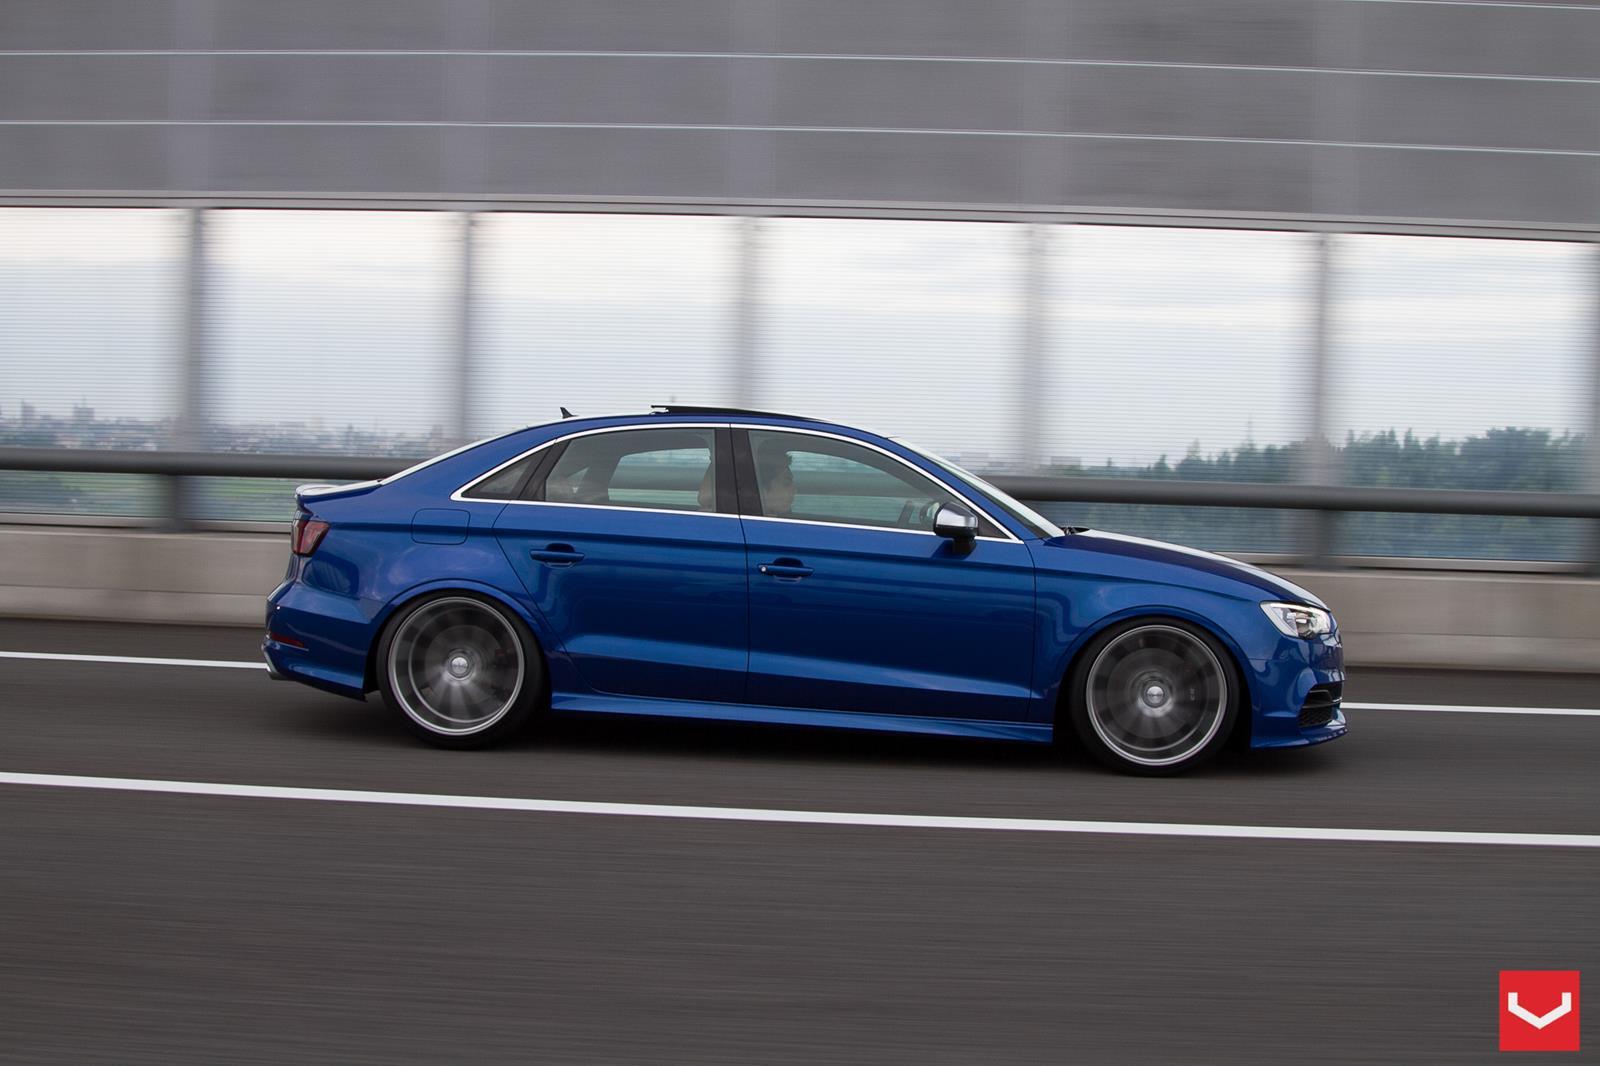 Audi S3 Vossen Cvt Vossen Wheels